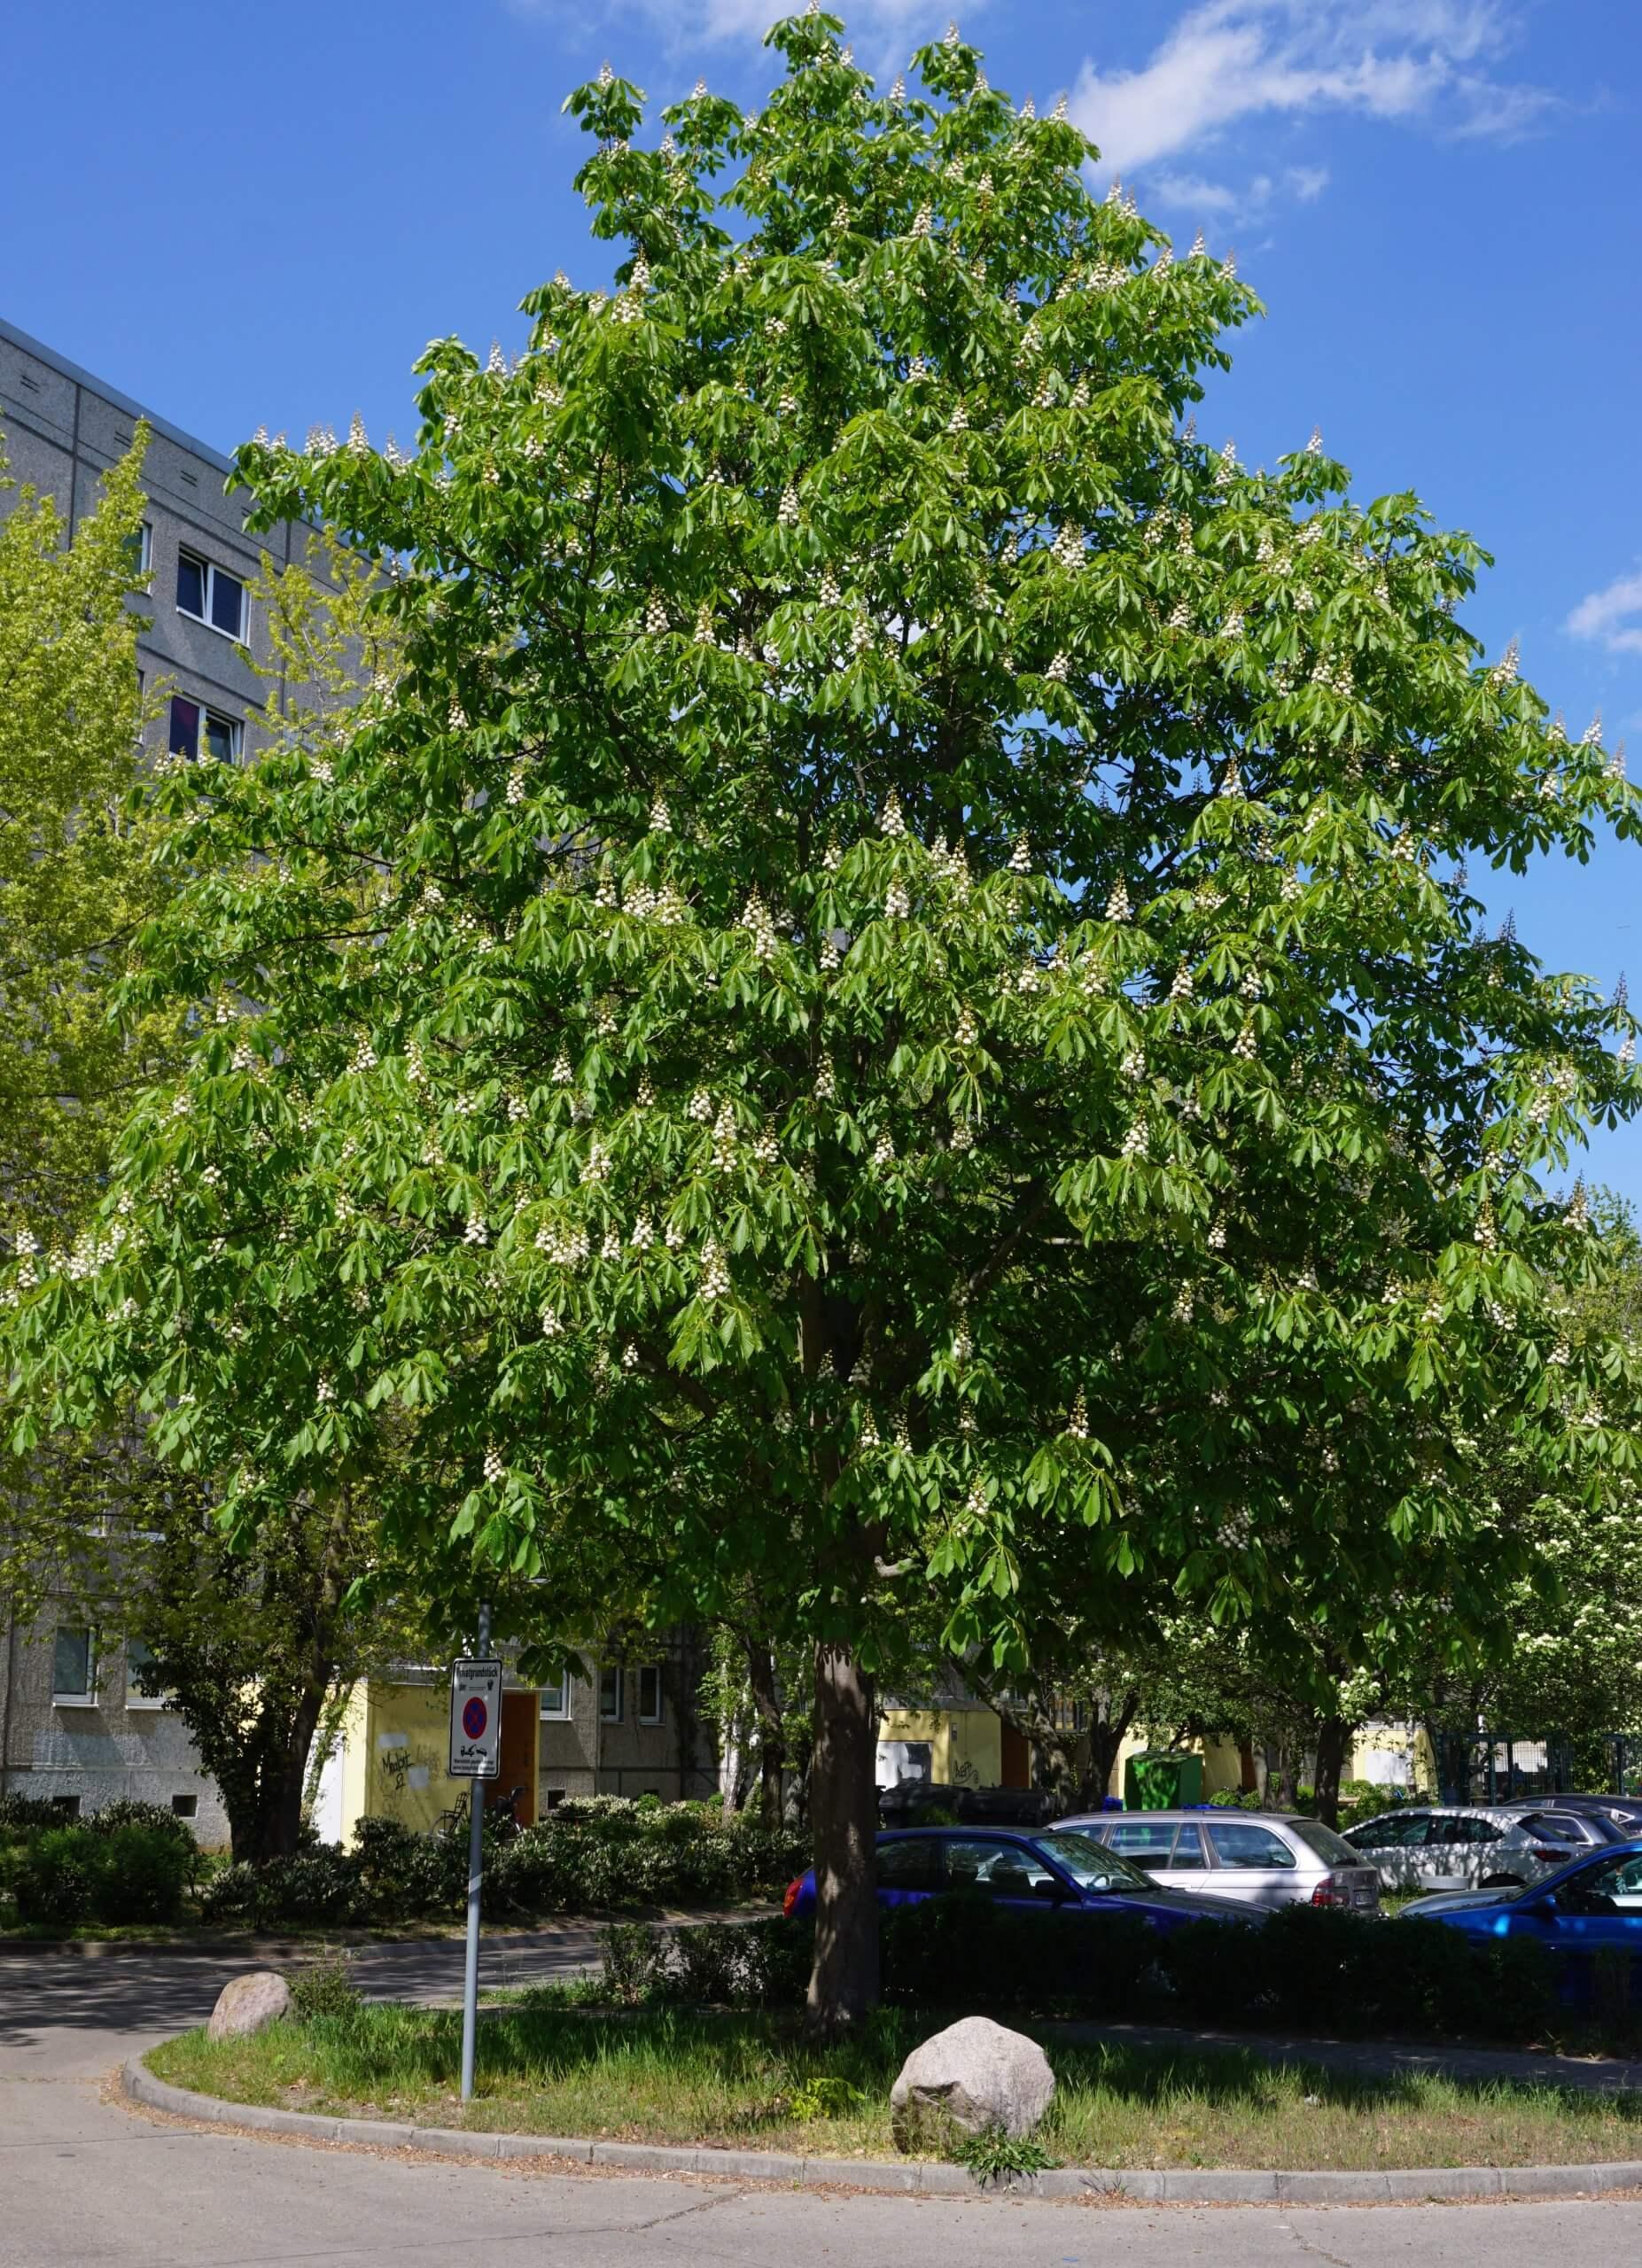 Das Bild zeigt eine weißblühende, gewöhnliche Rosskastanie im Innenhof in der Nähe des Bürgerhauses im Kosmosviertel, Altglienicke.